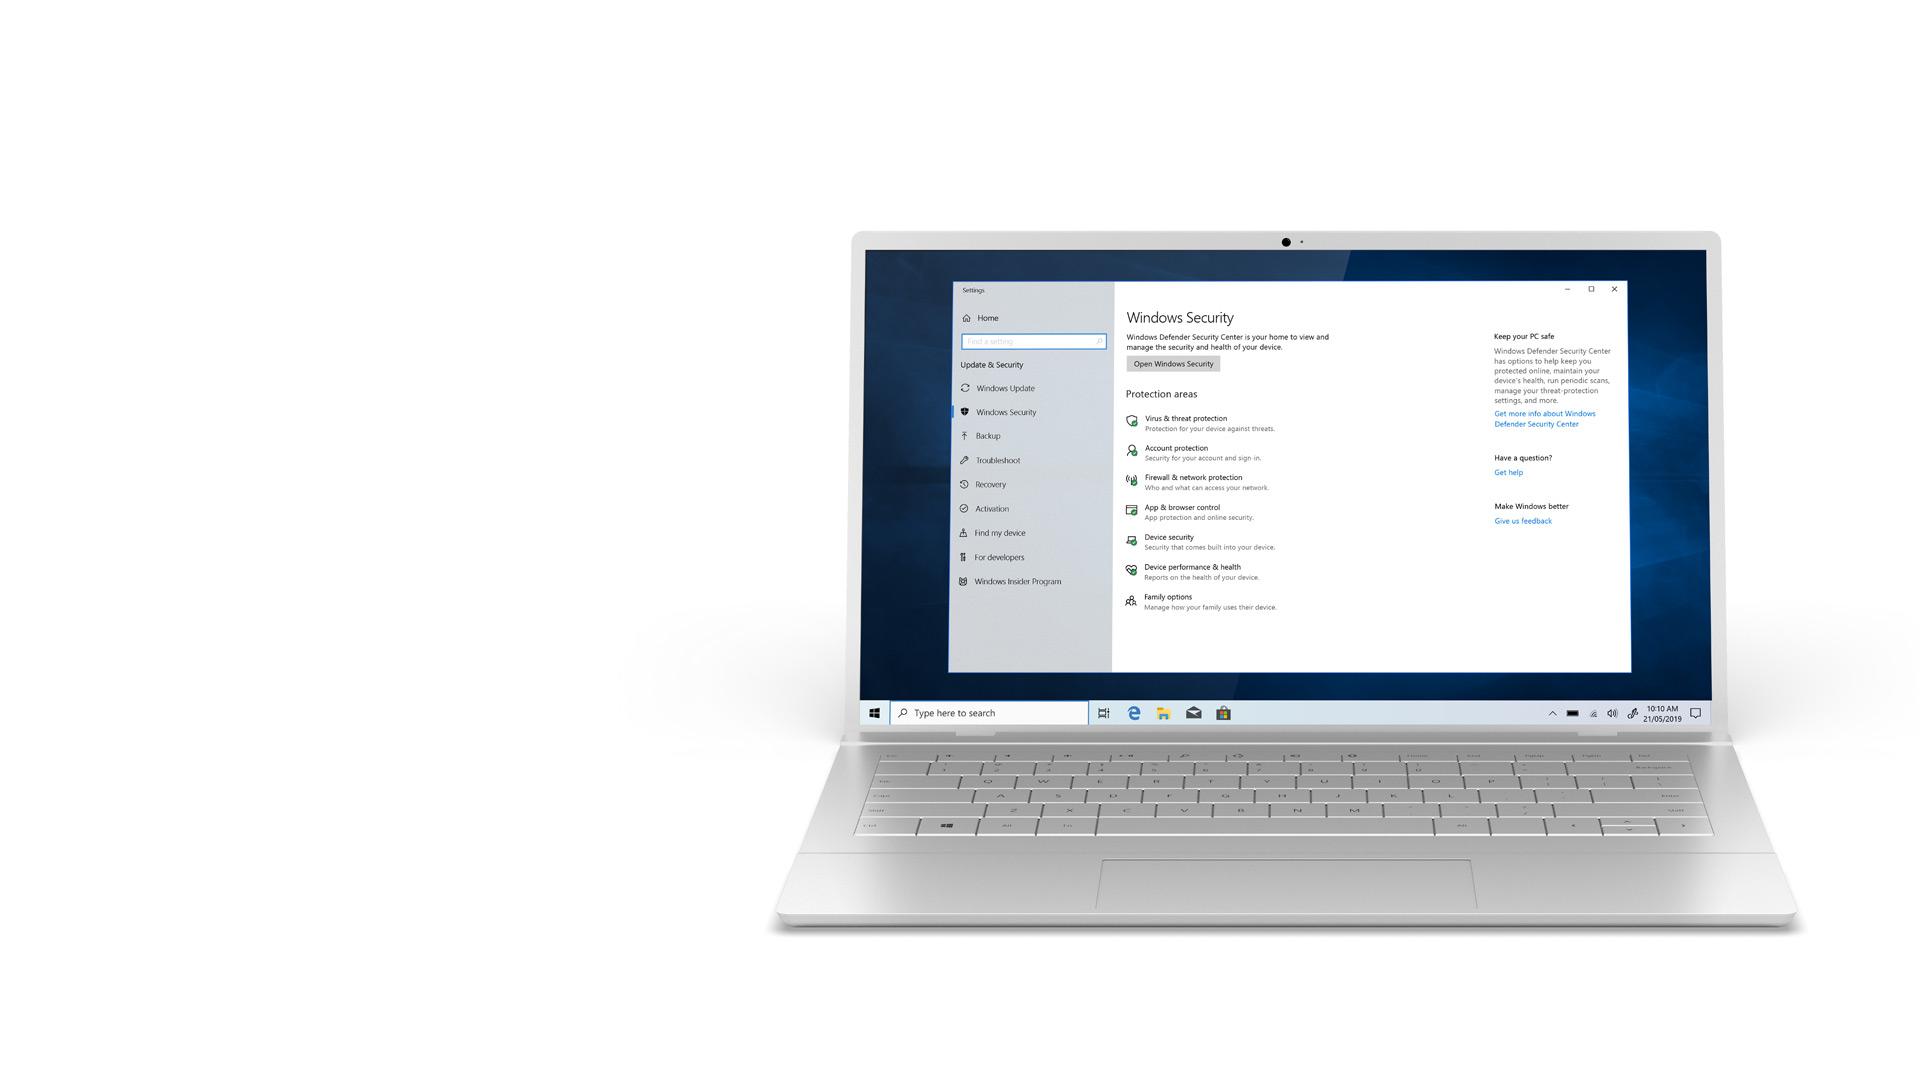 Een Windows 10-laptop met een Windows 10-beveiligingsscherm midden op het scherm